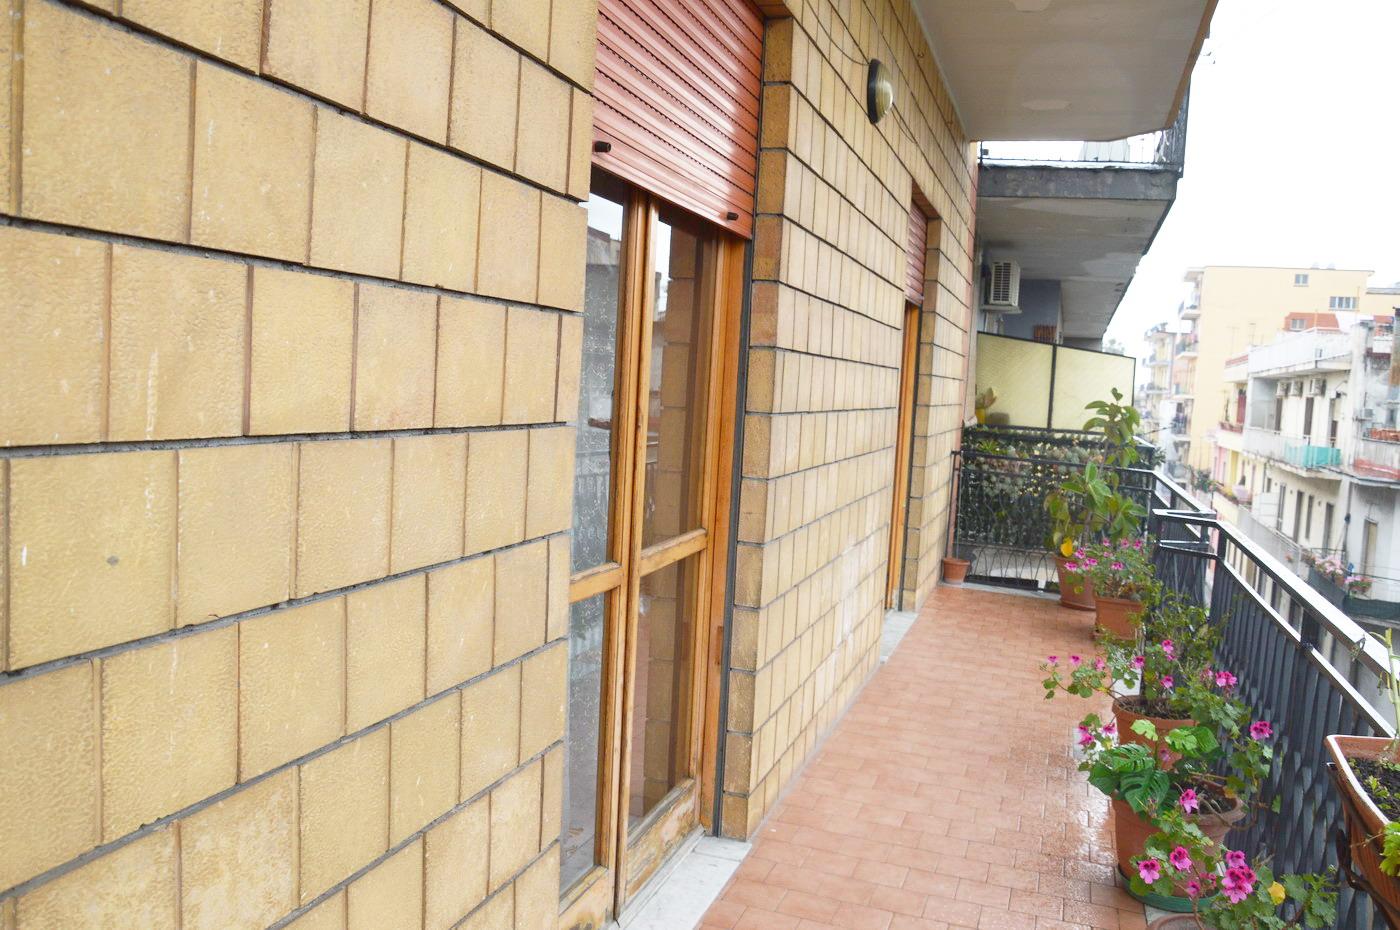 Appartamento Centro Poggiomarino. 150 mq 4 vani più accessori con Box.